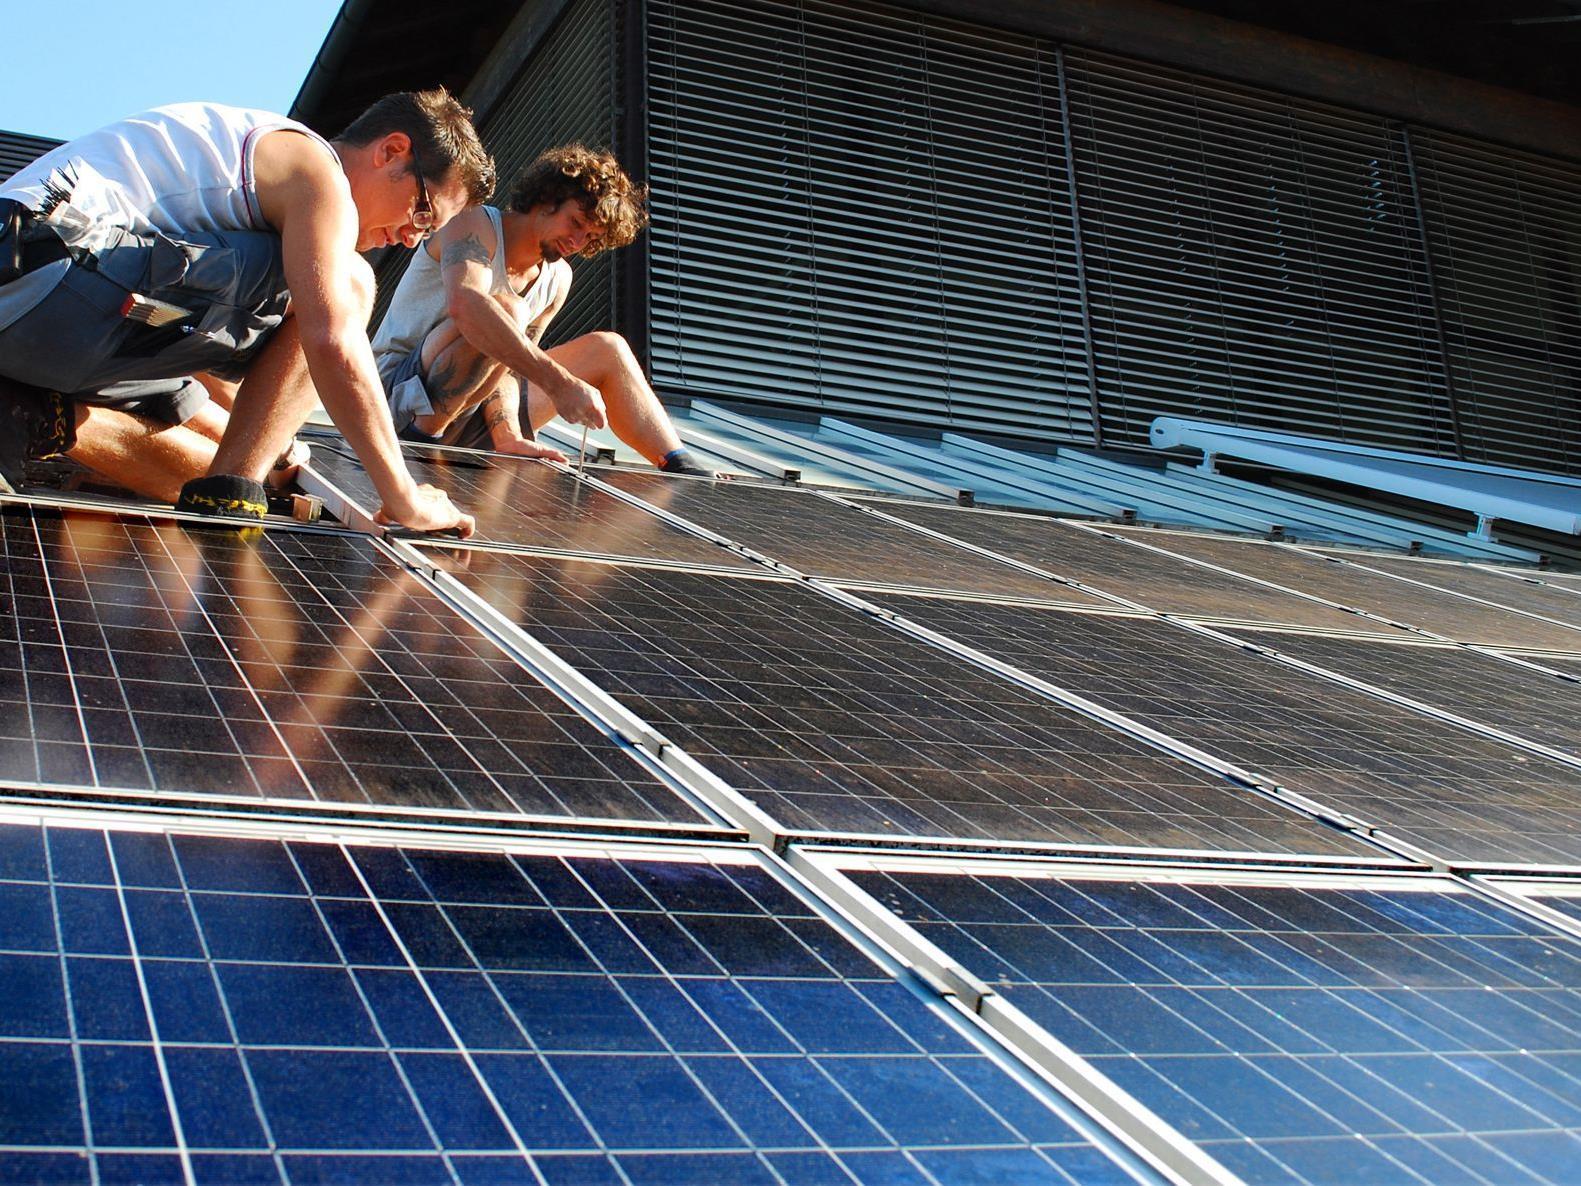 Die Leistung von 322 m² Solarpaneelen entspricht dem Stromverbrauch von zehn Einfamilienhäusern